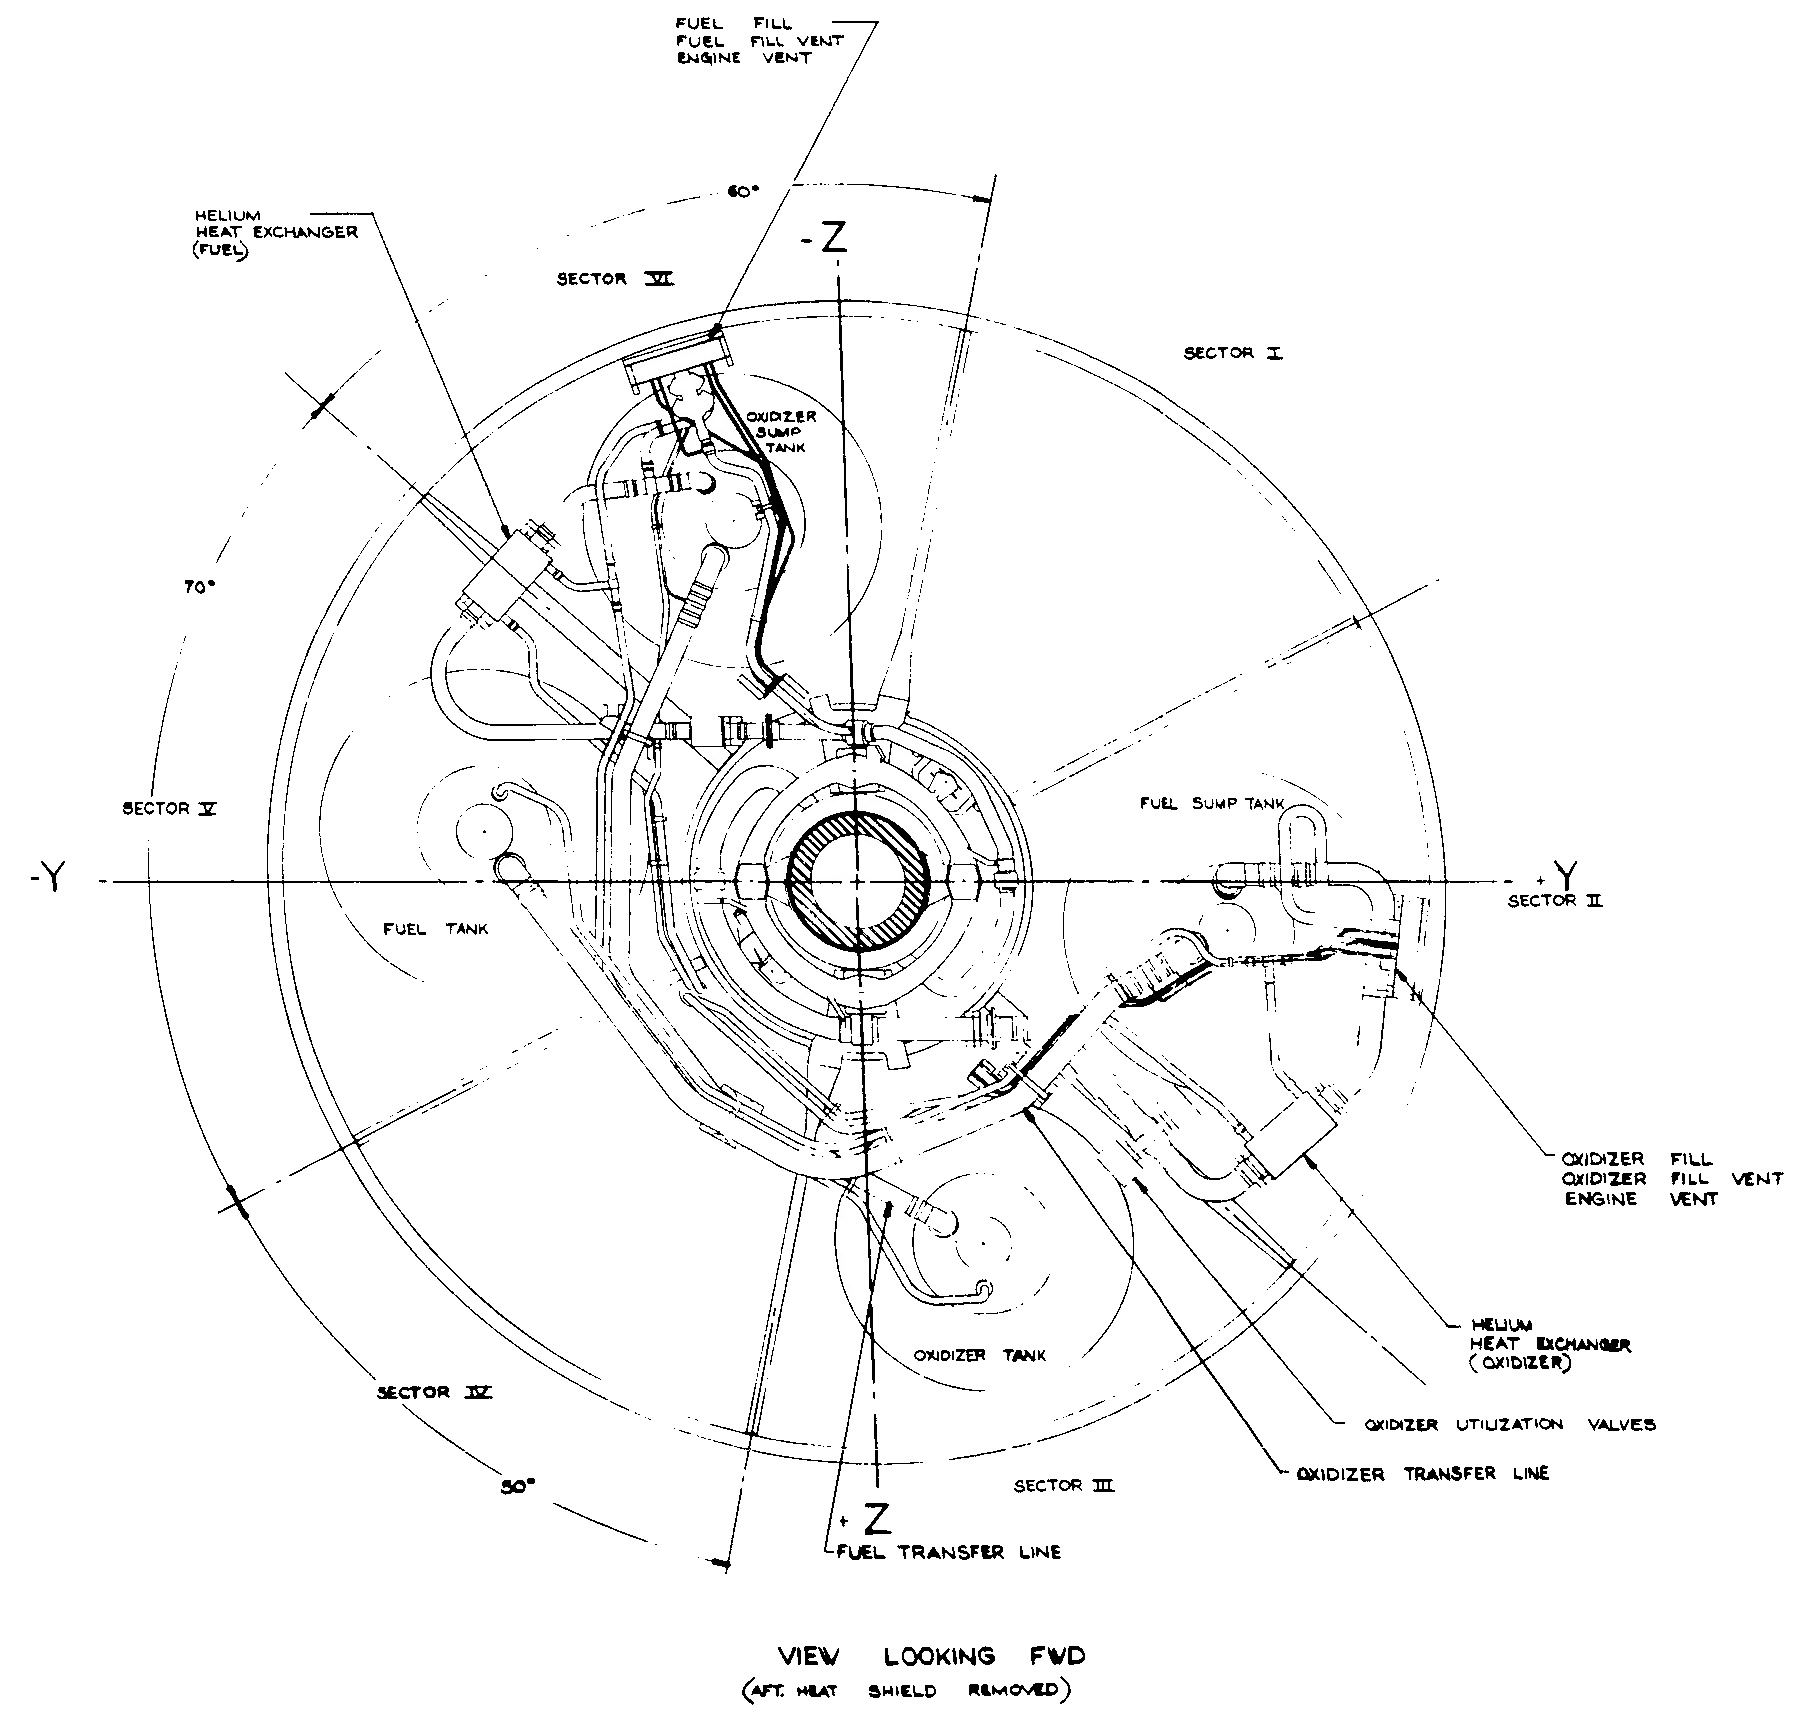 Apollo Service Module Service Propulsion System Sps